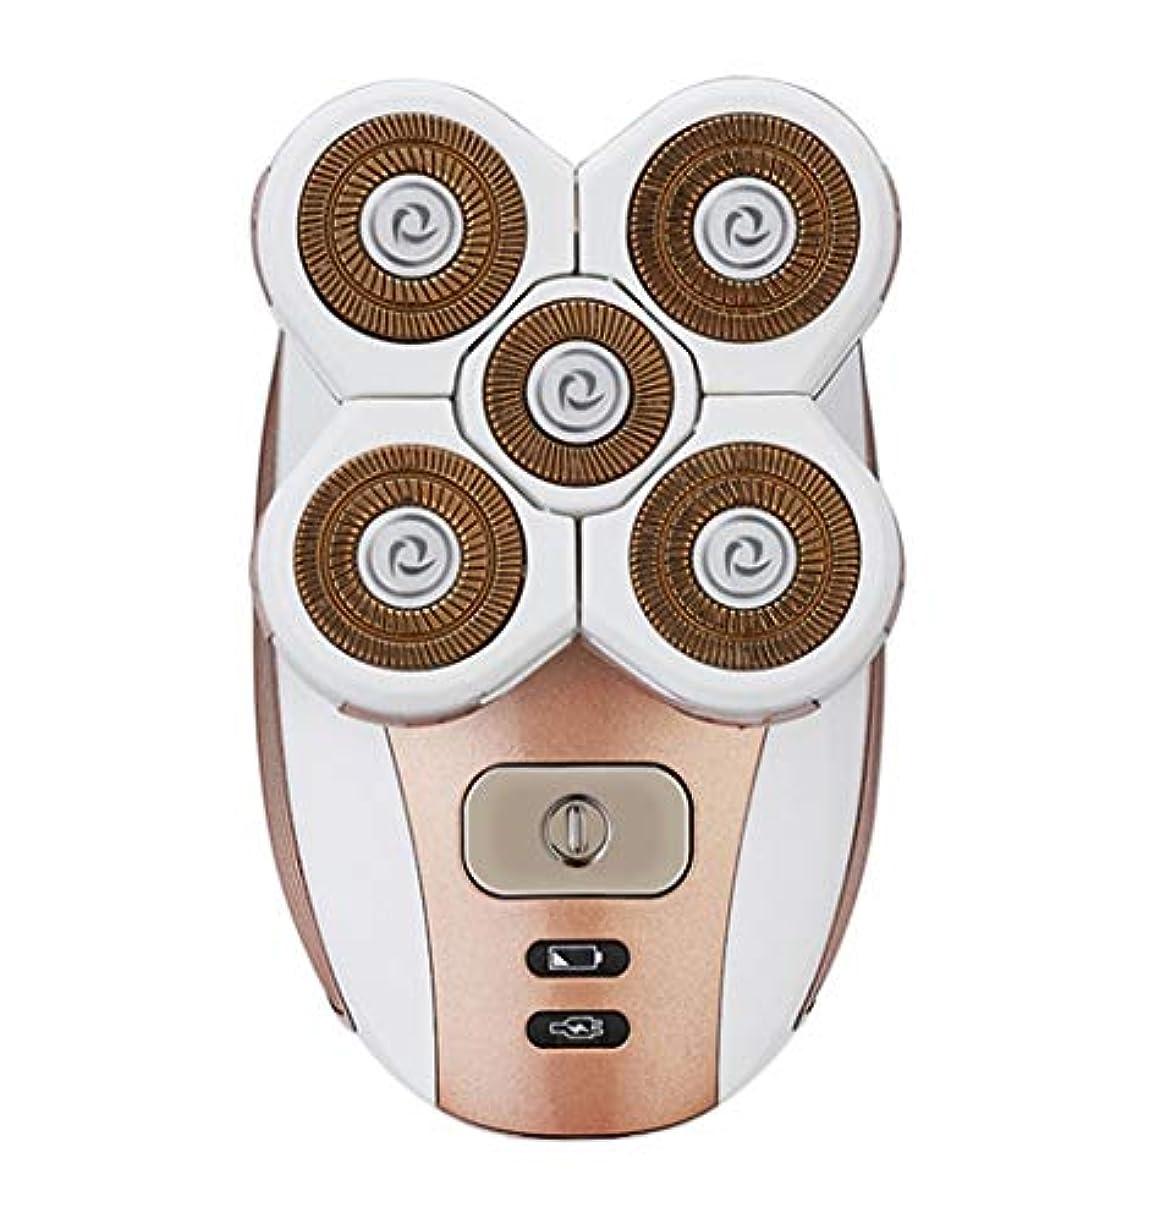 受け継ぐ任意恐ろしいKDJHP 電気脱毛装置プライベートパーツシェービング器具脇の下陰毛剃毛レディーシェーバー - 脱毛器 7103